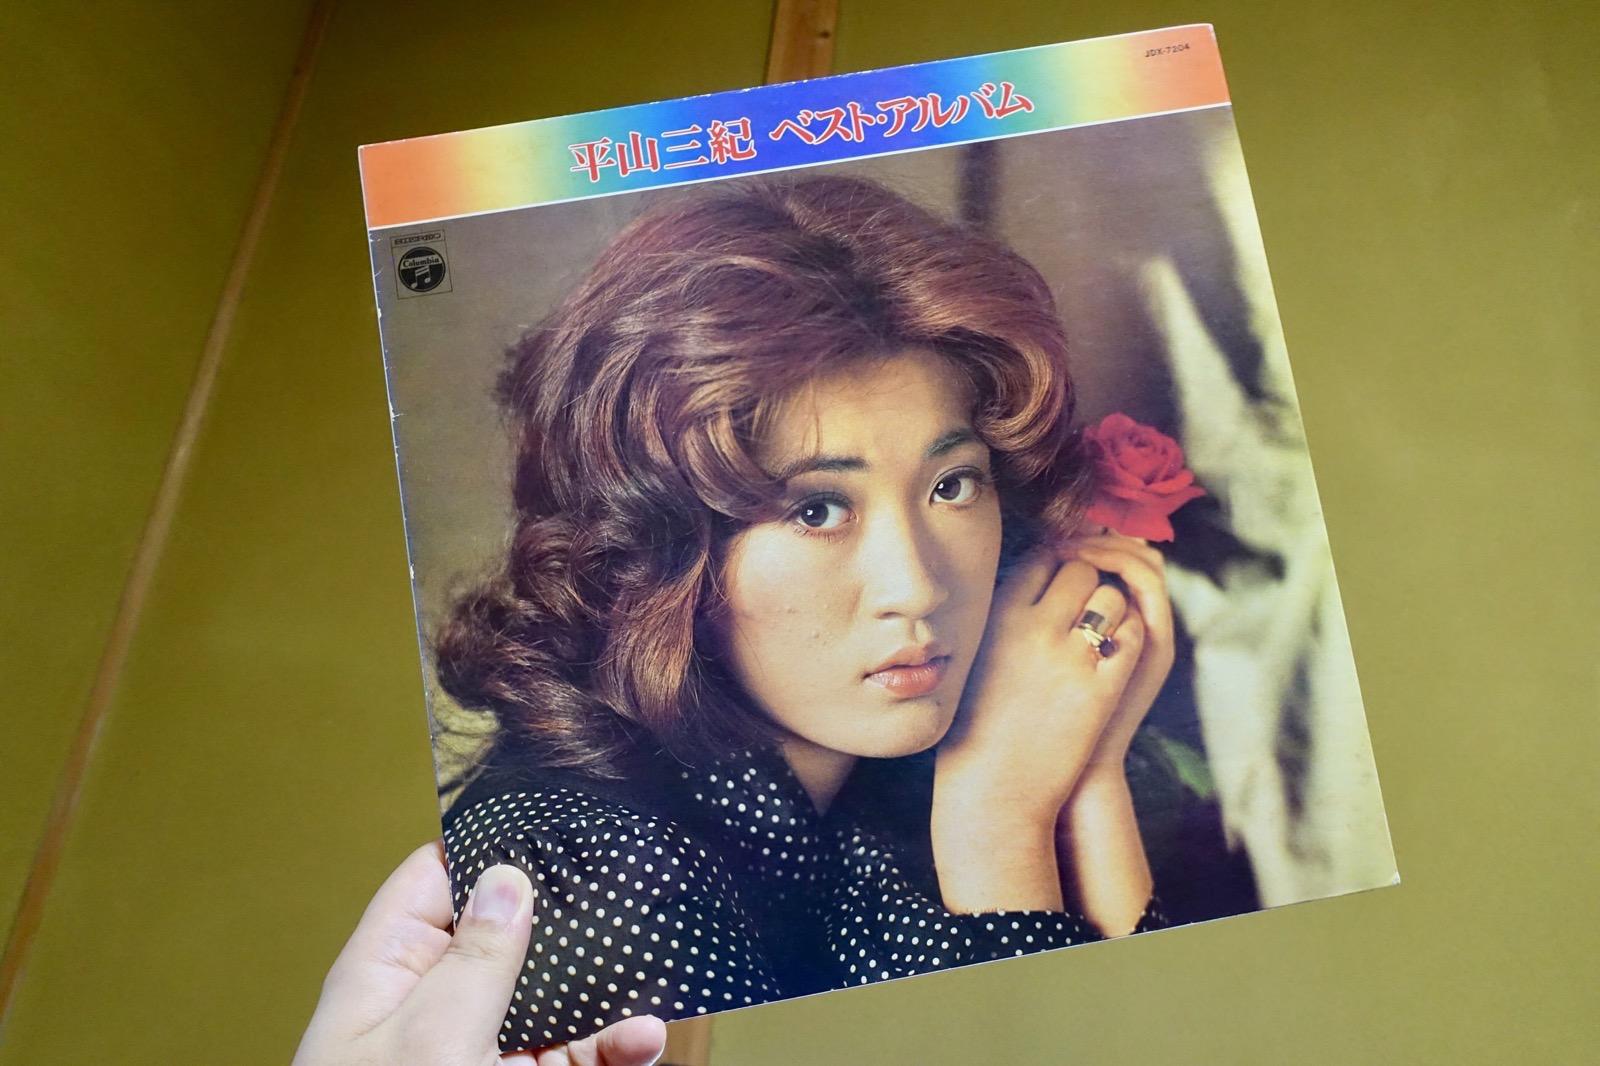 平山三紀ベストアルバム